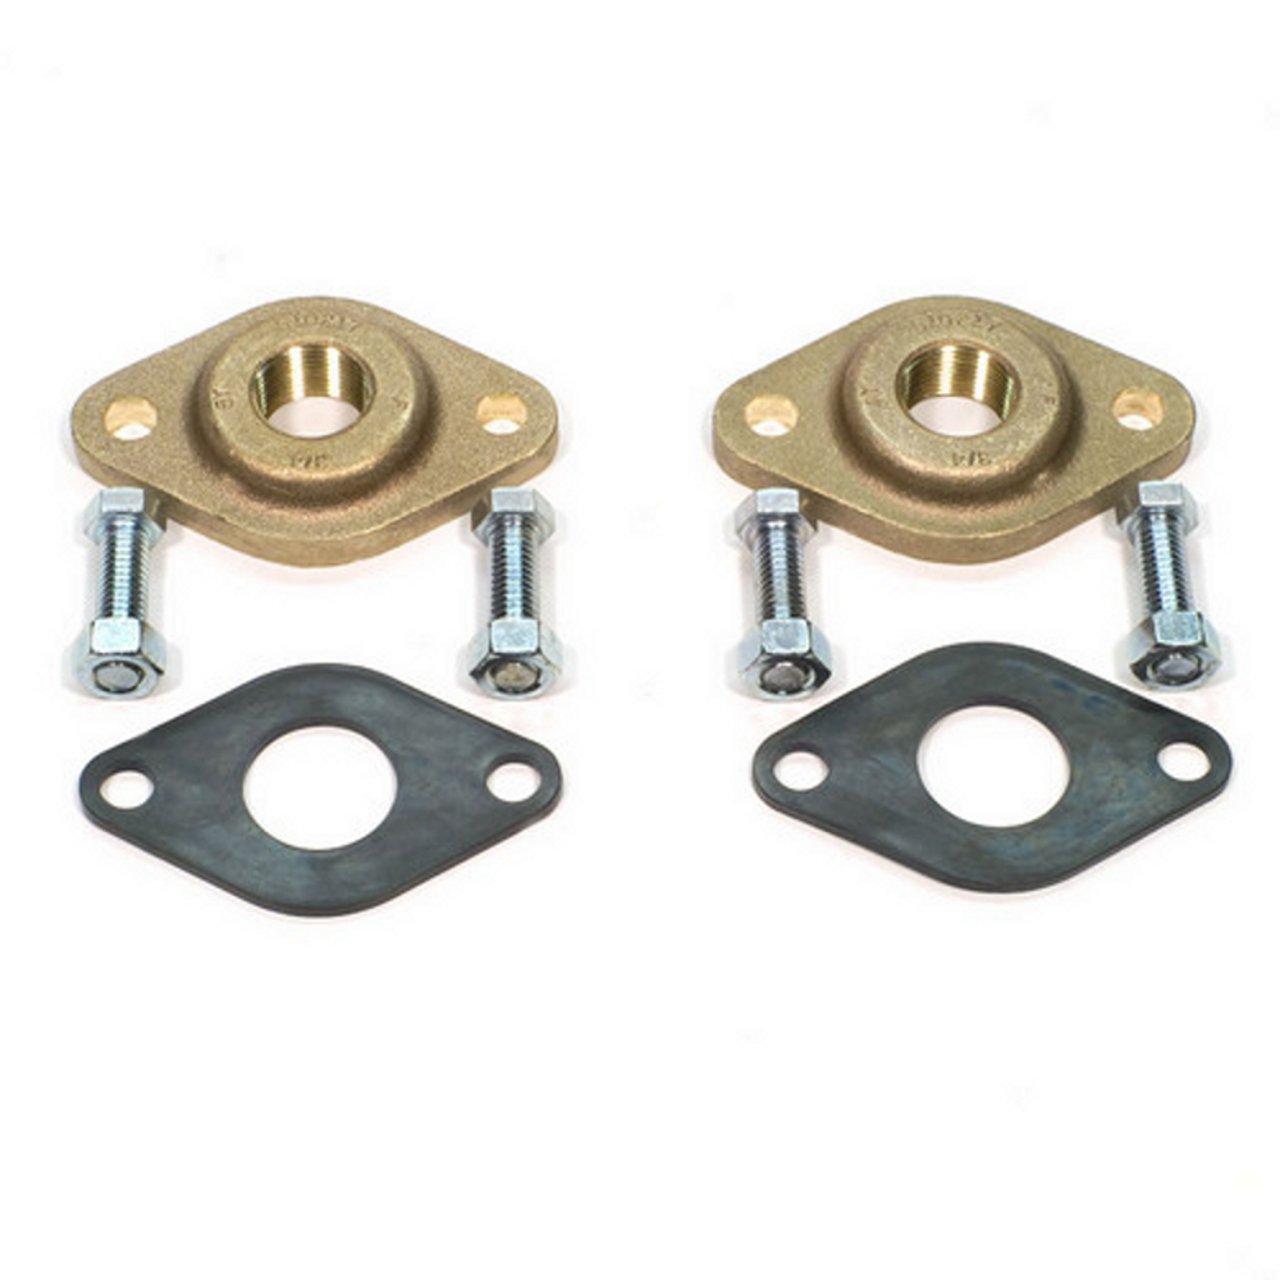 Grundfos 519652 1-Inch GF 15/16 Bronze Flange Set